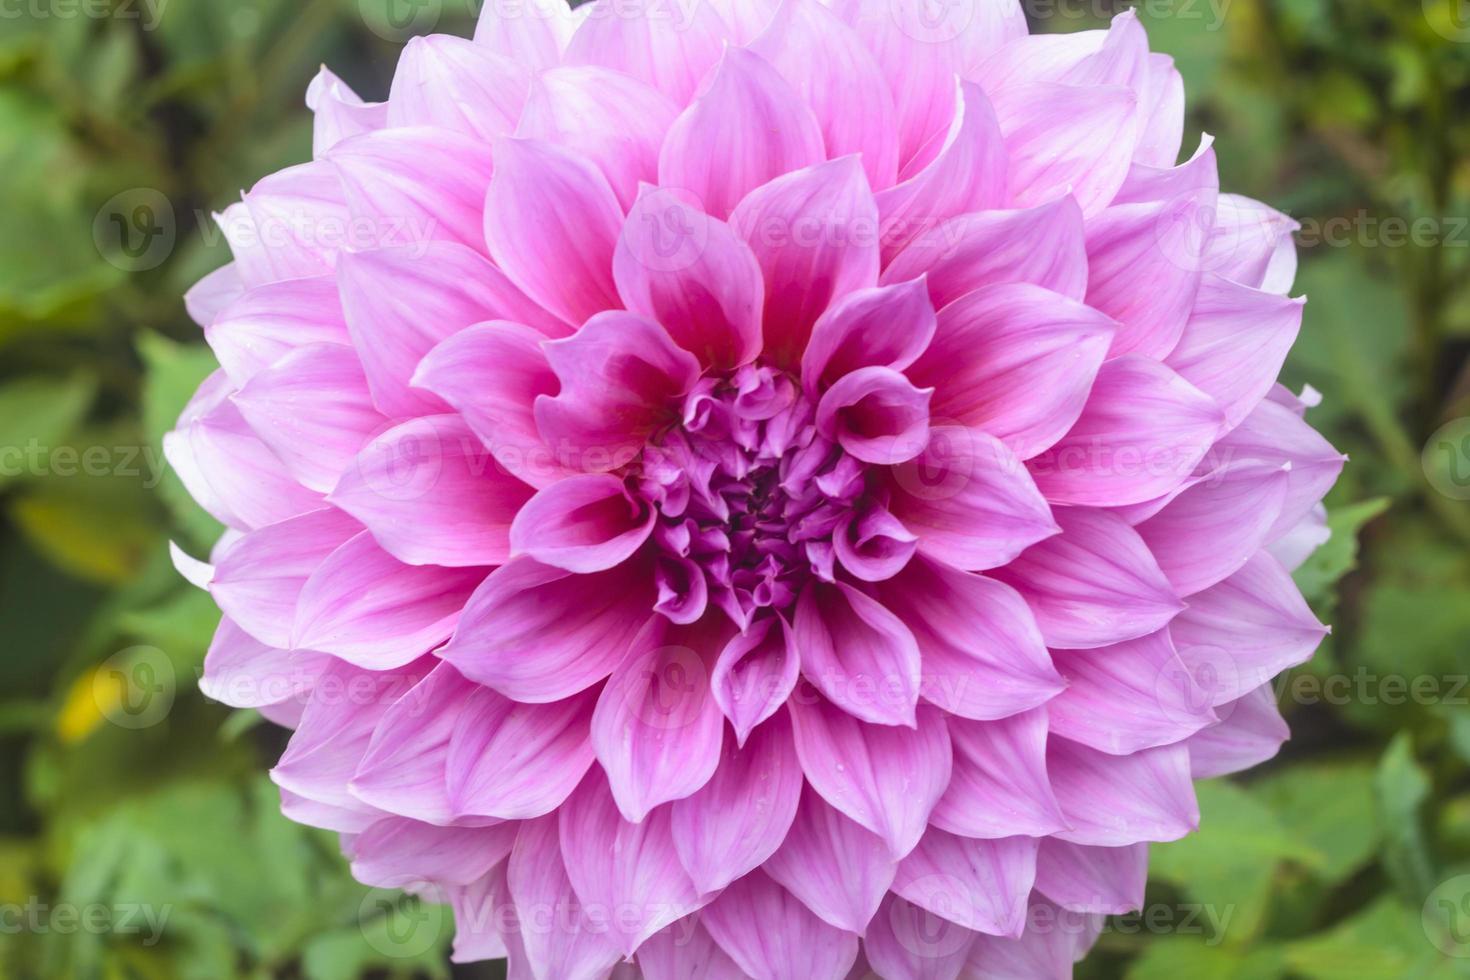 fleurs de dahlia photo